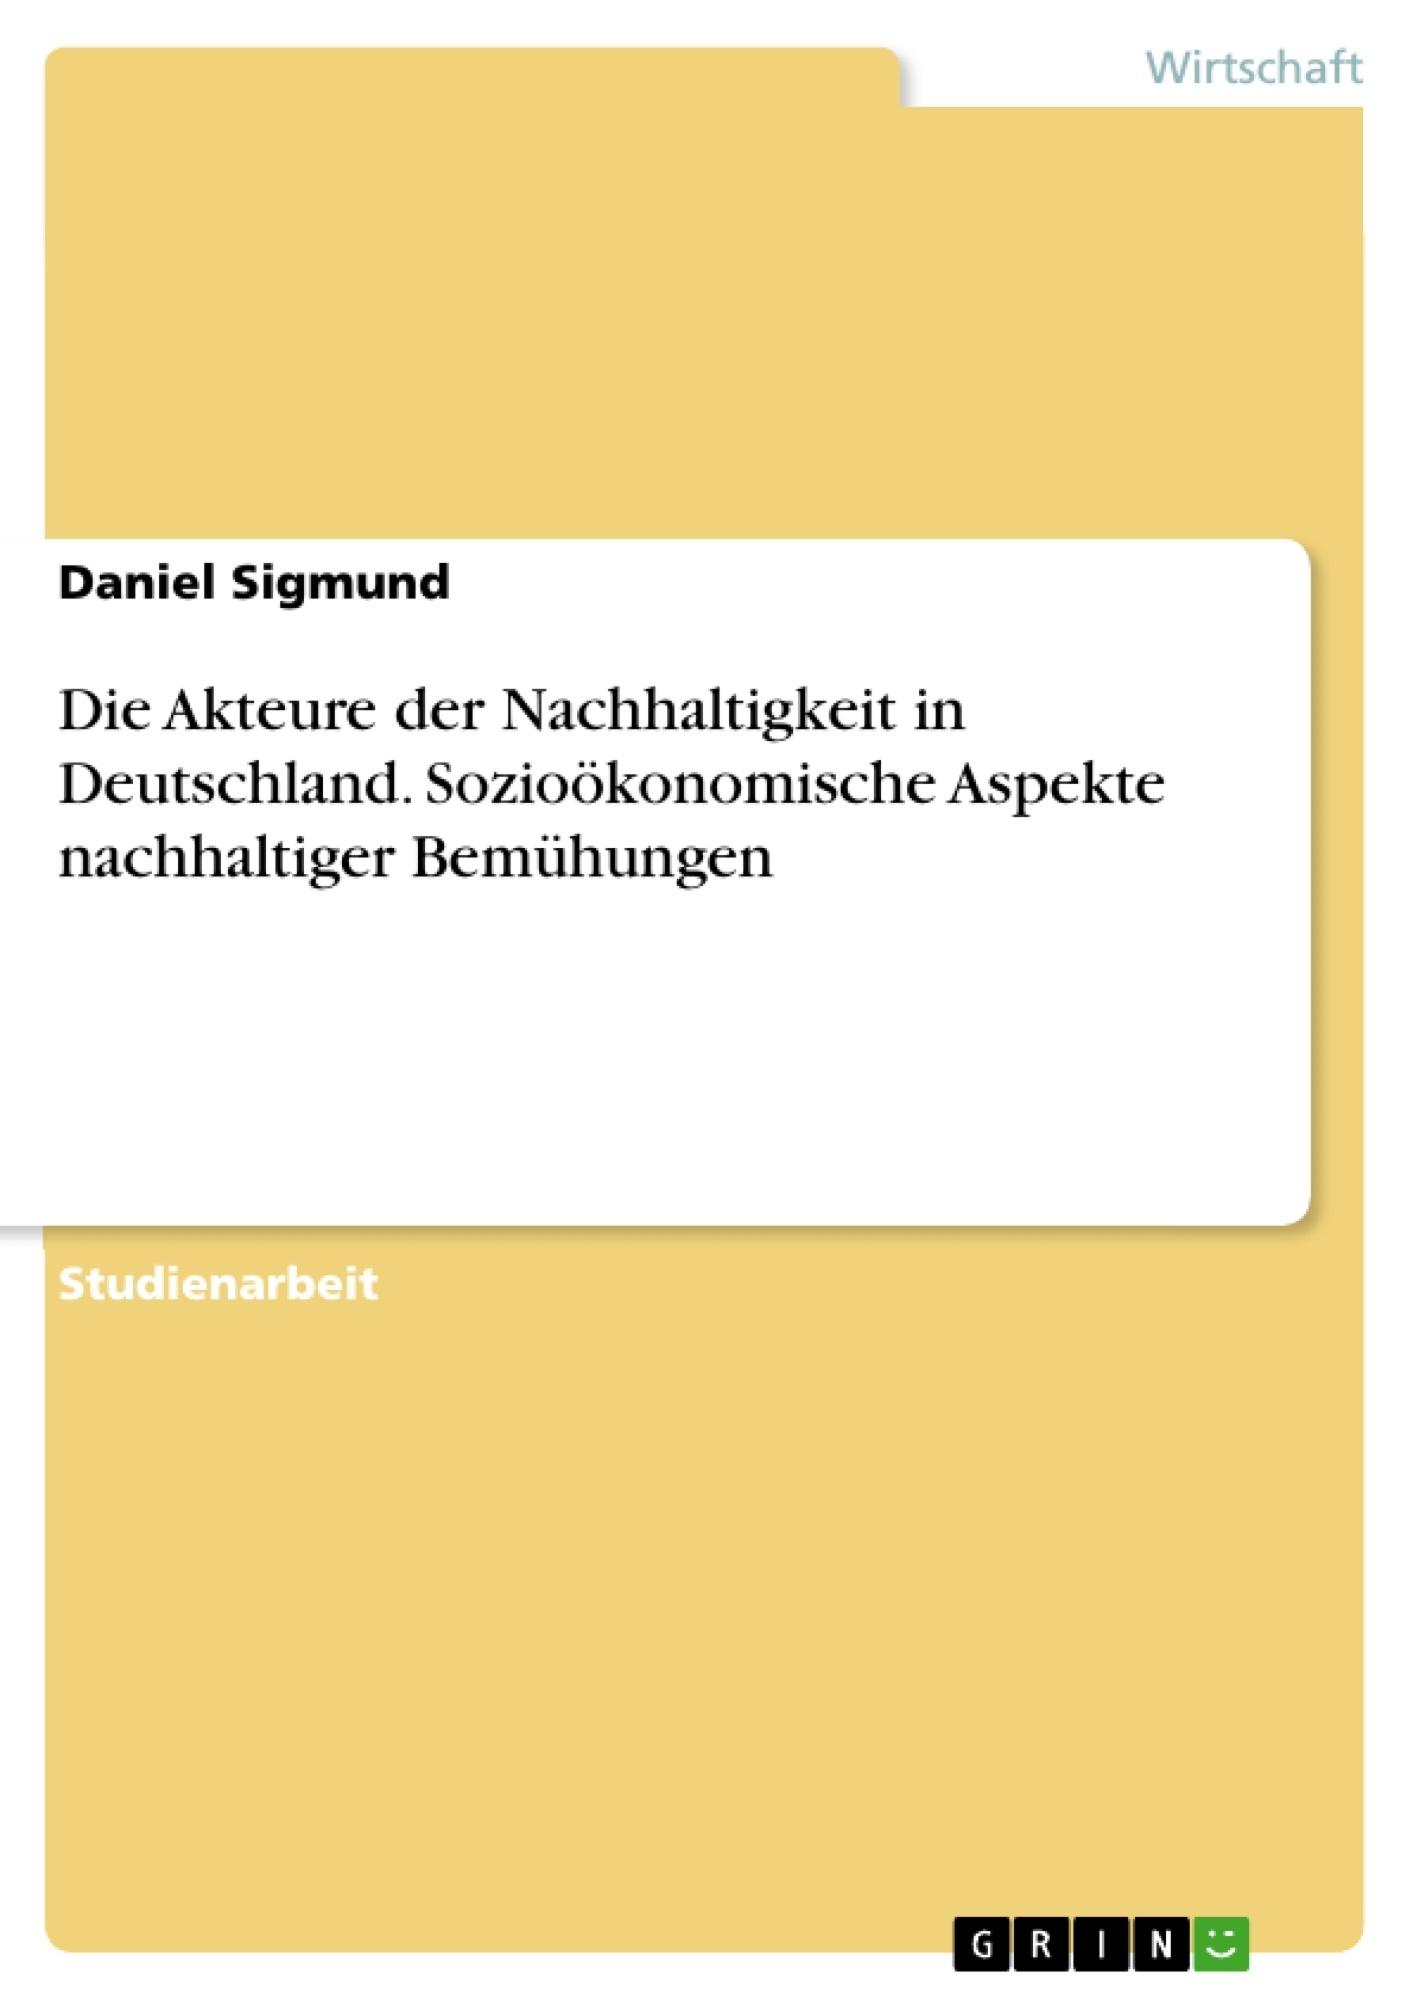 Titel: Die Akteure der Nachhaltigkeit in Deutschland. Sozioökonomische Aspekte nachhaltiger Bemühungen